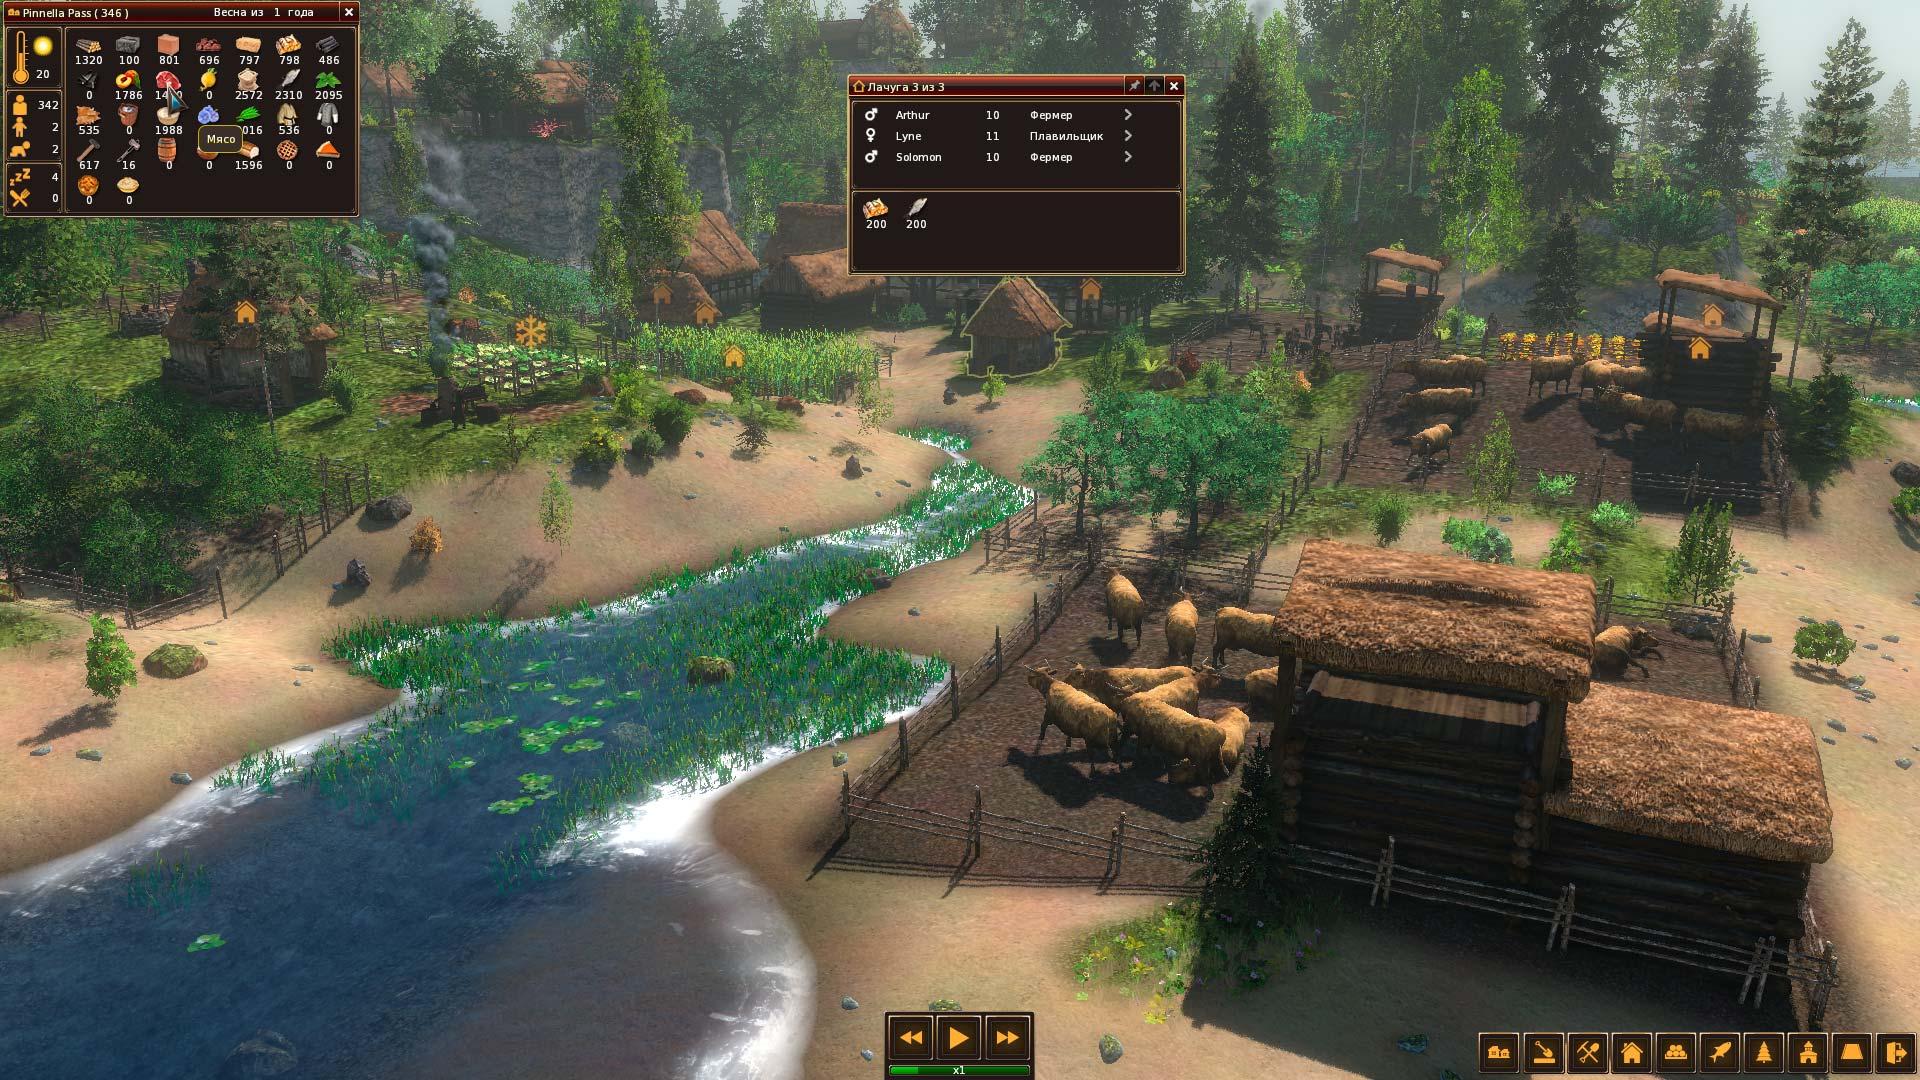 Life is feudal forest village механики скачать онлайн бесплатно игру ледниковый период 3